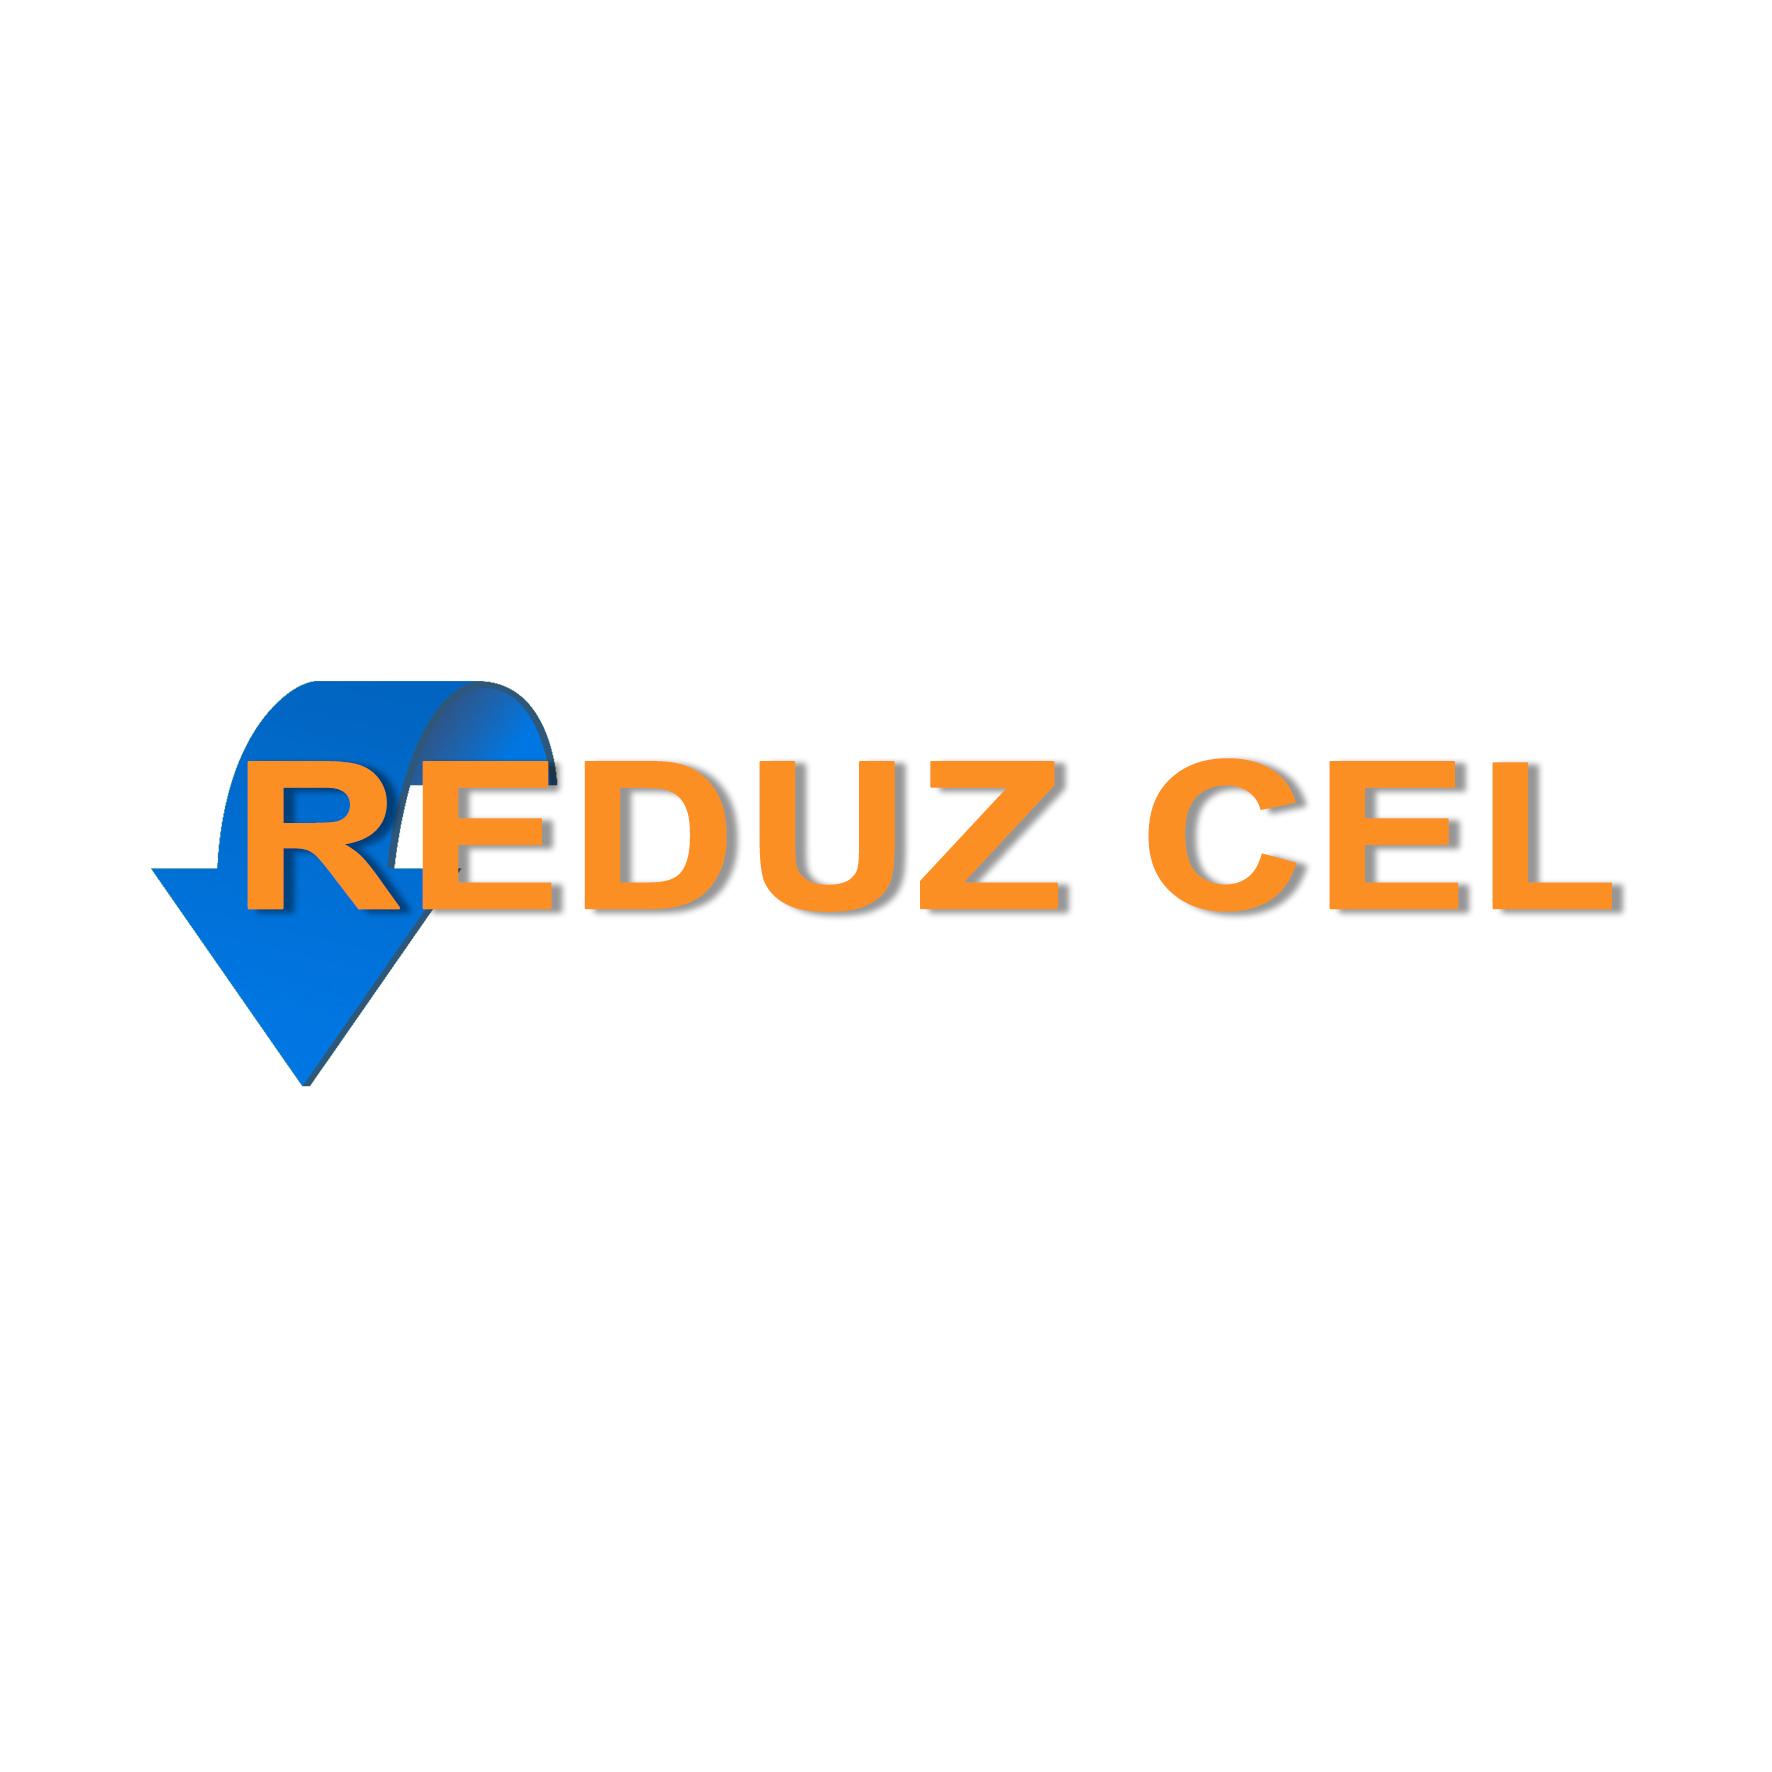 REDUZ-2